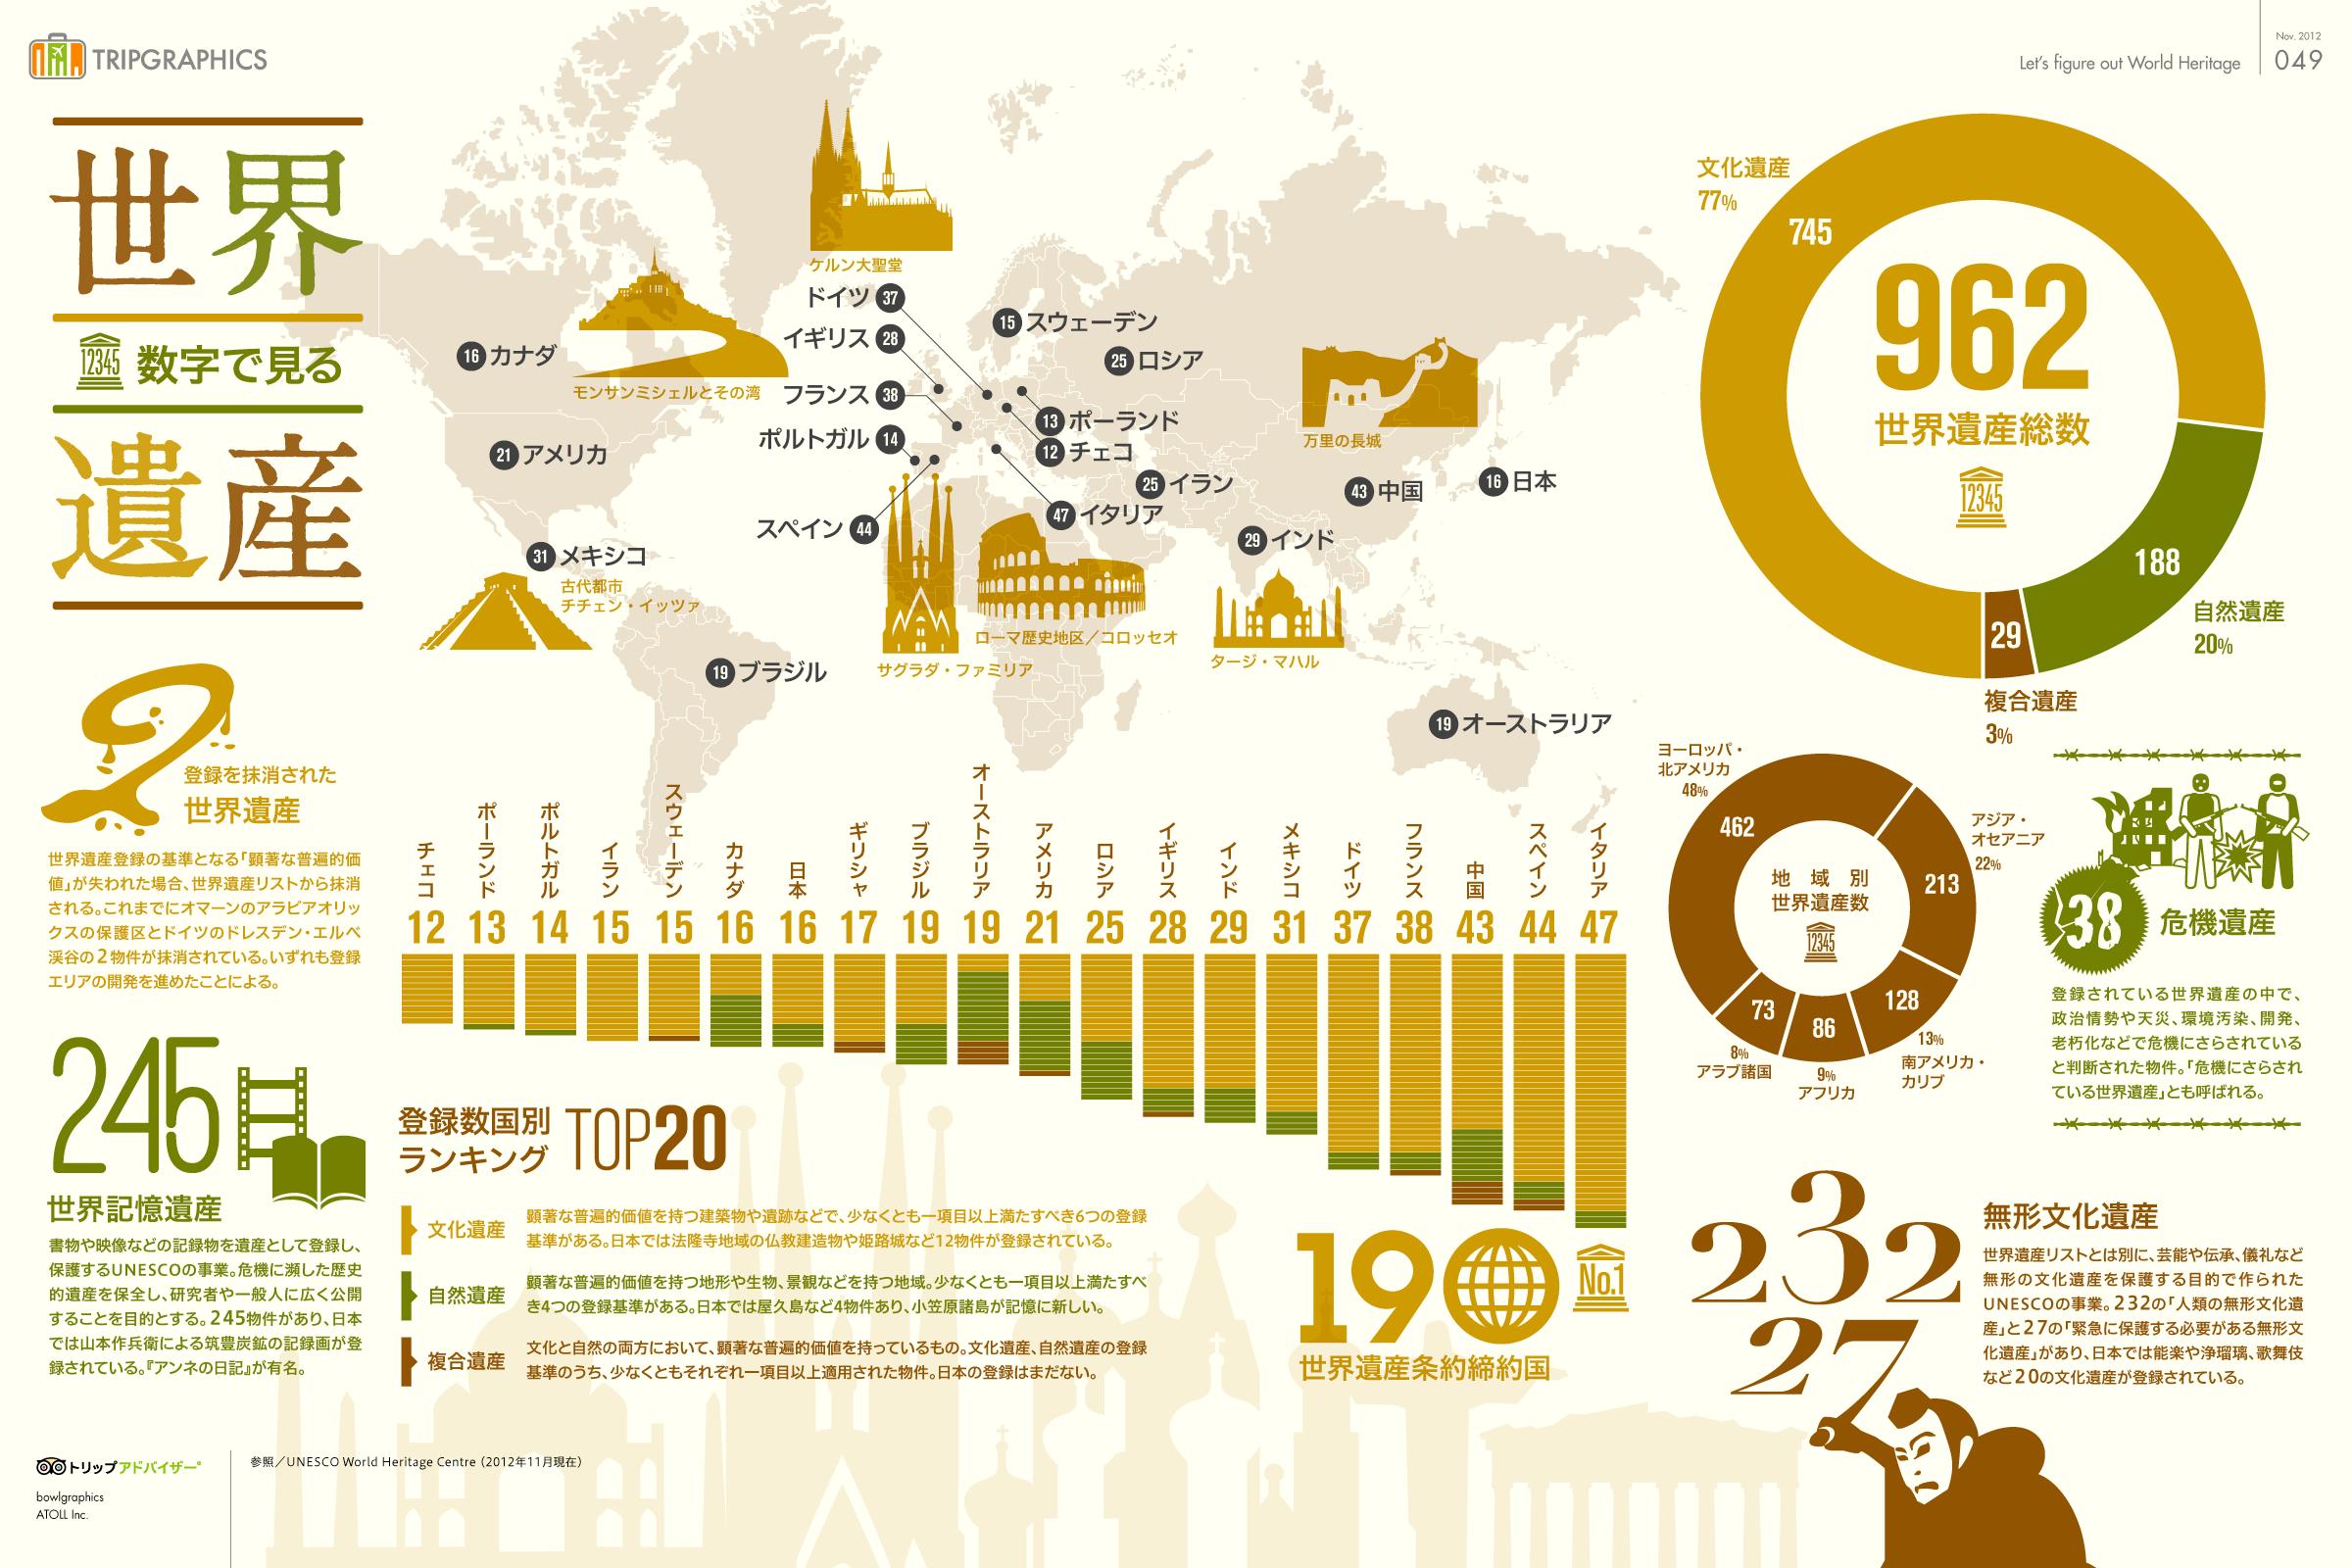 インフォグラフィック:世界遺産の約半分は欧米に集中。日本の世界遺産は18個